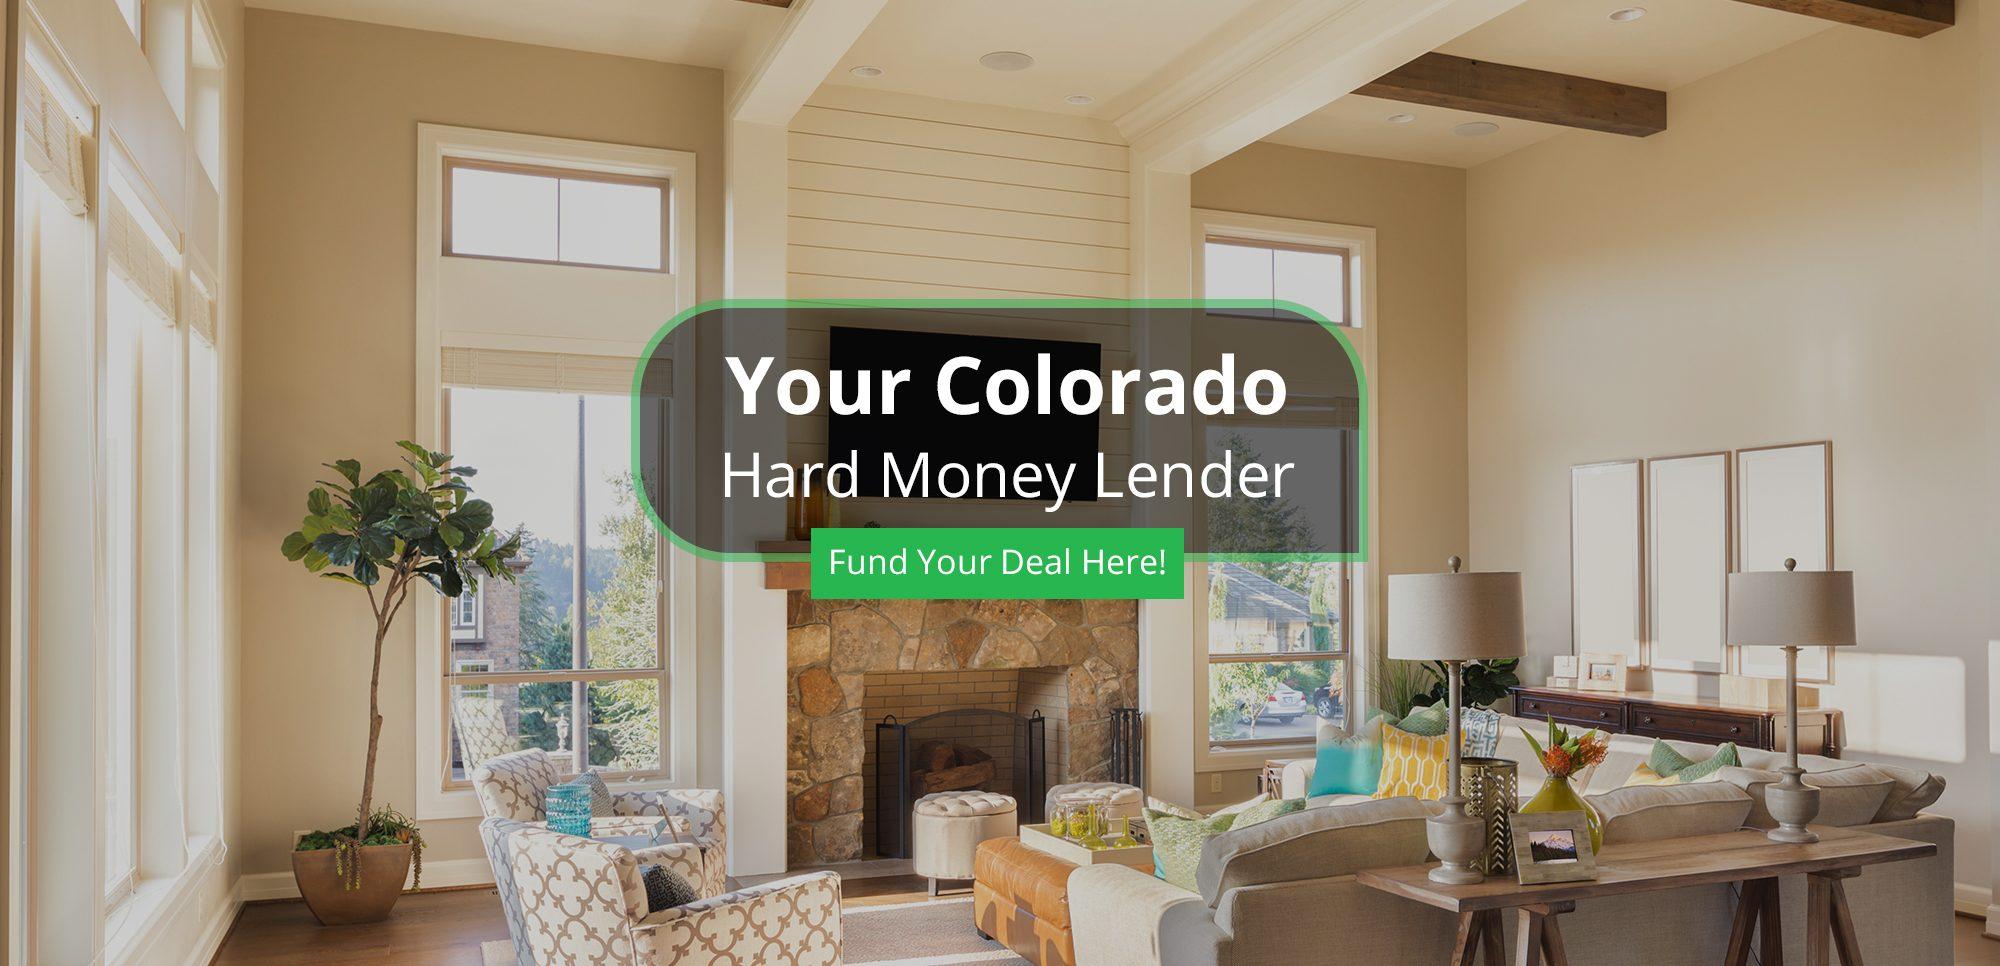 Payday loans sylvania ohio image 6